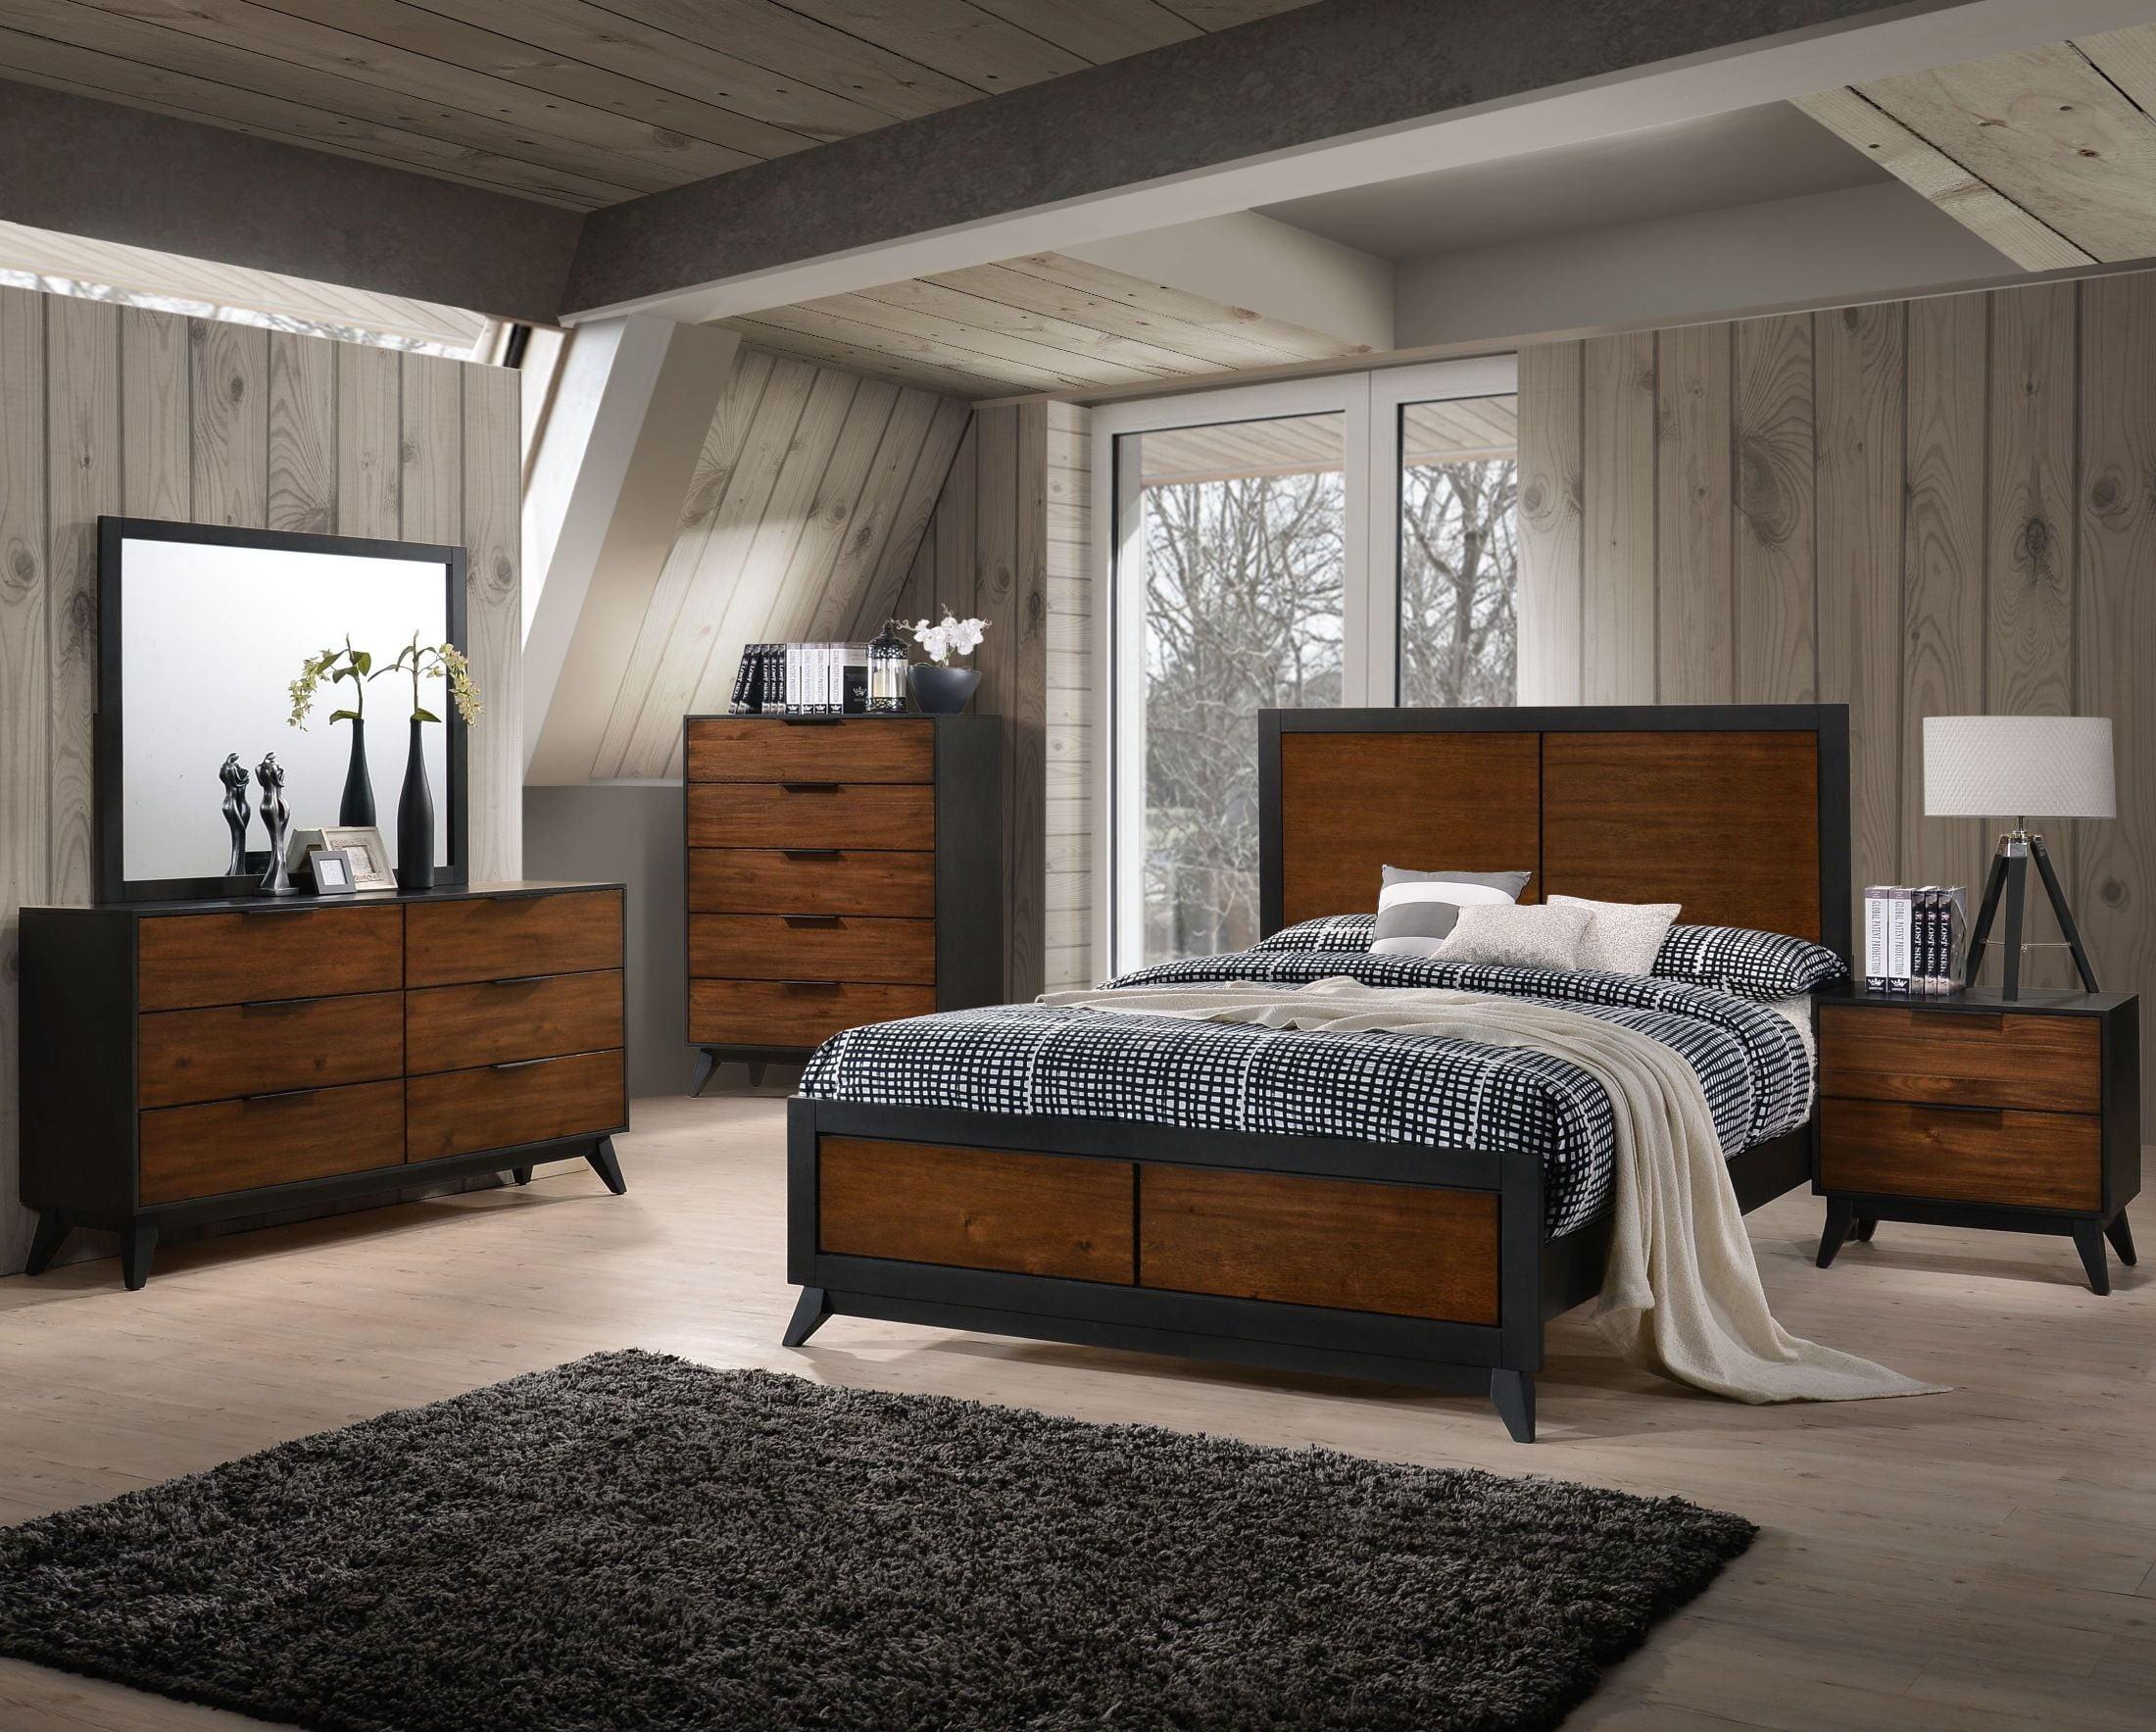 New Classic Studio 26 Two Tone Panel Bedroom Set